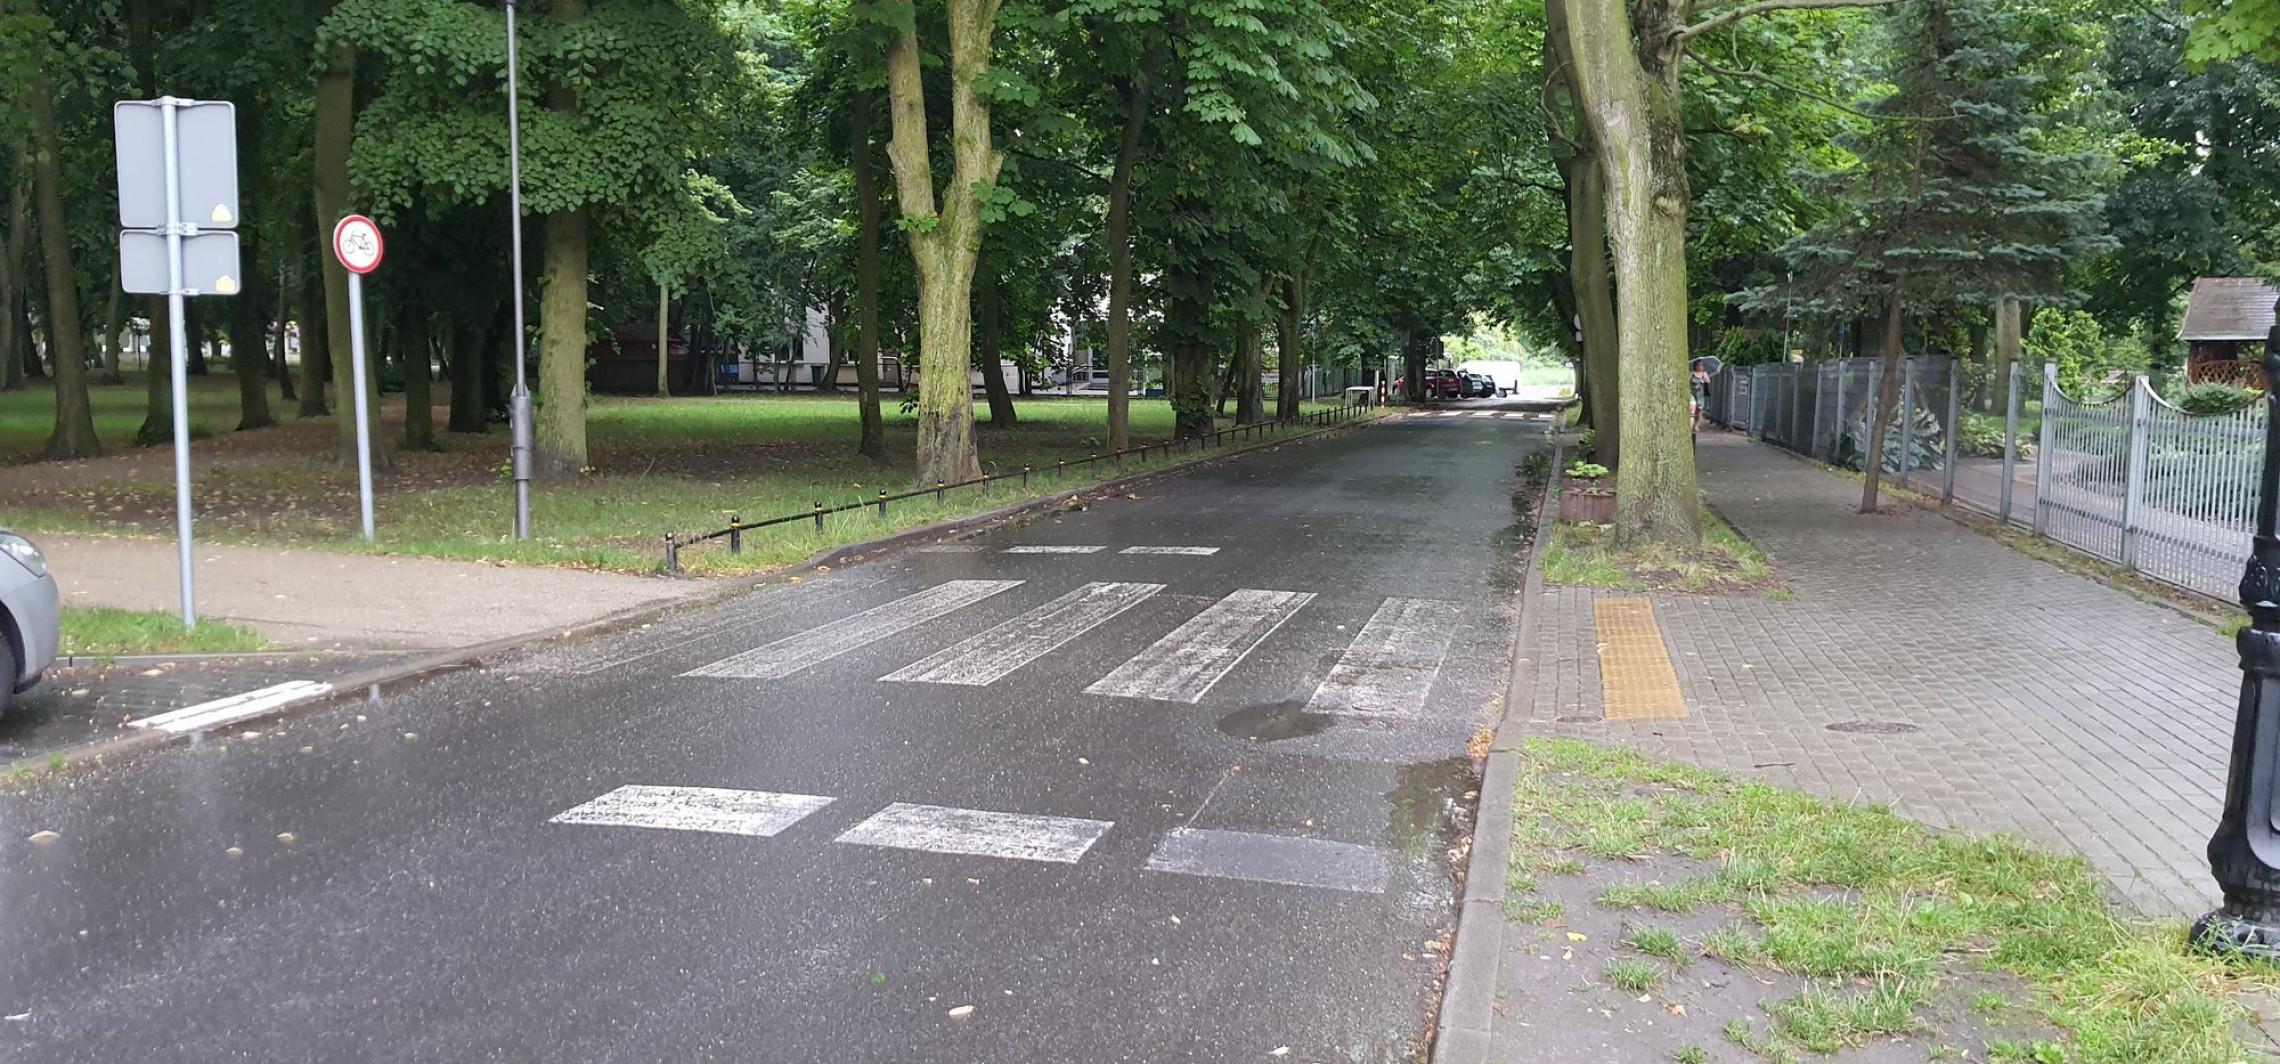 Inowrocław - Przejścia dla pieszych. Takich miejsc jest więcej